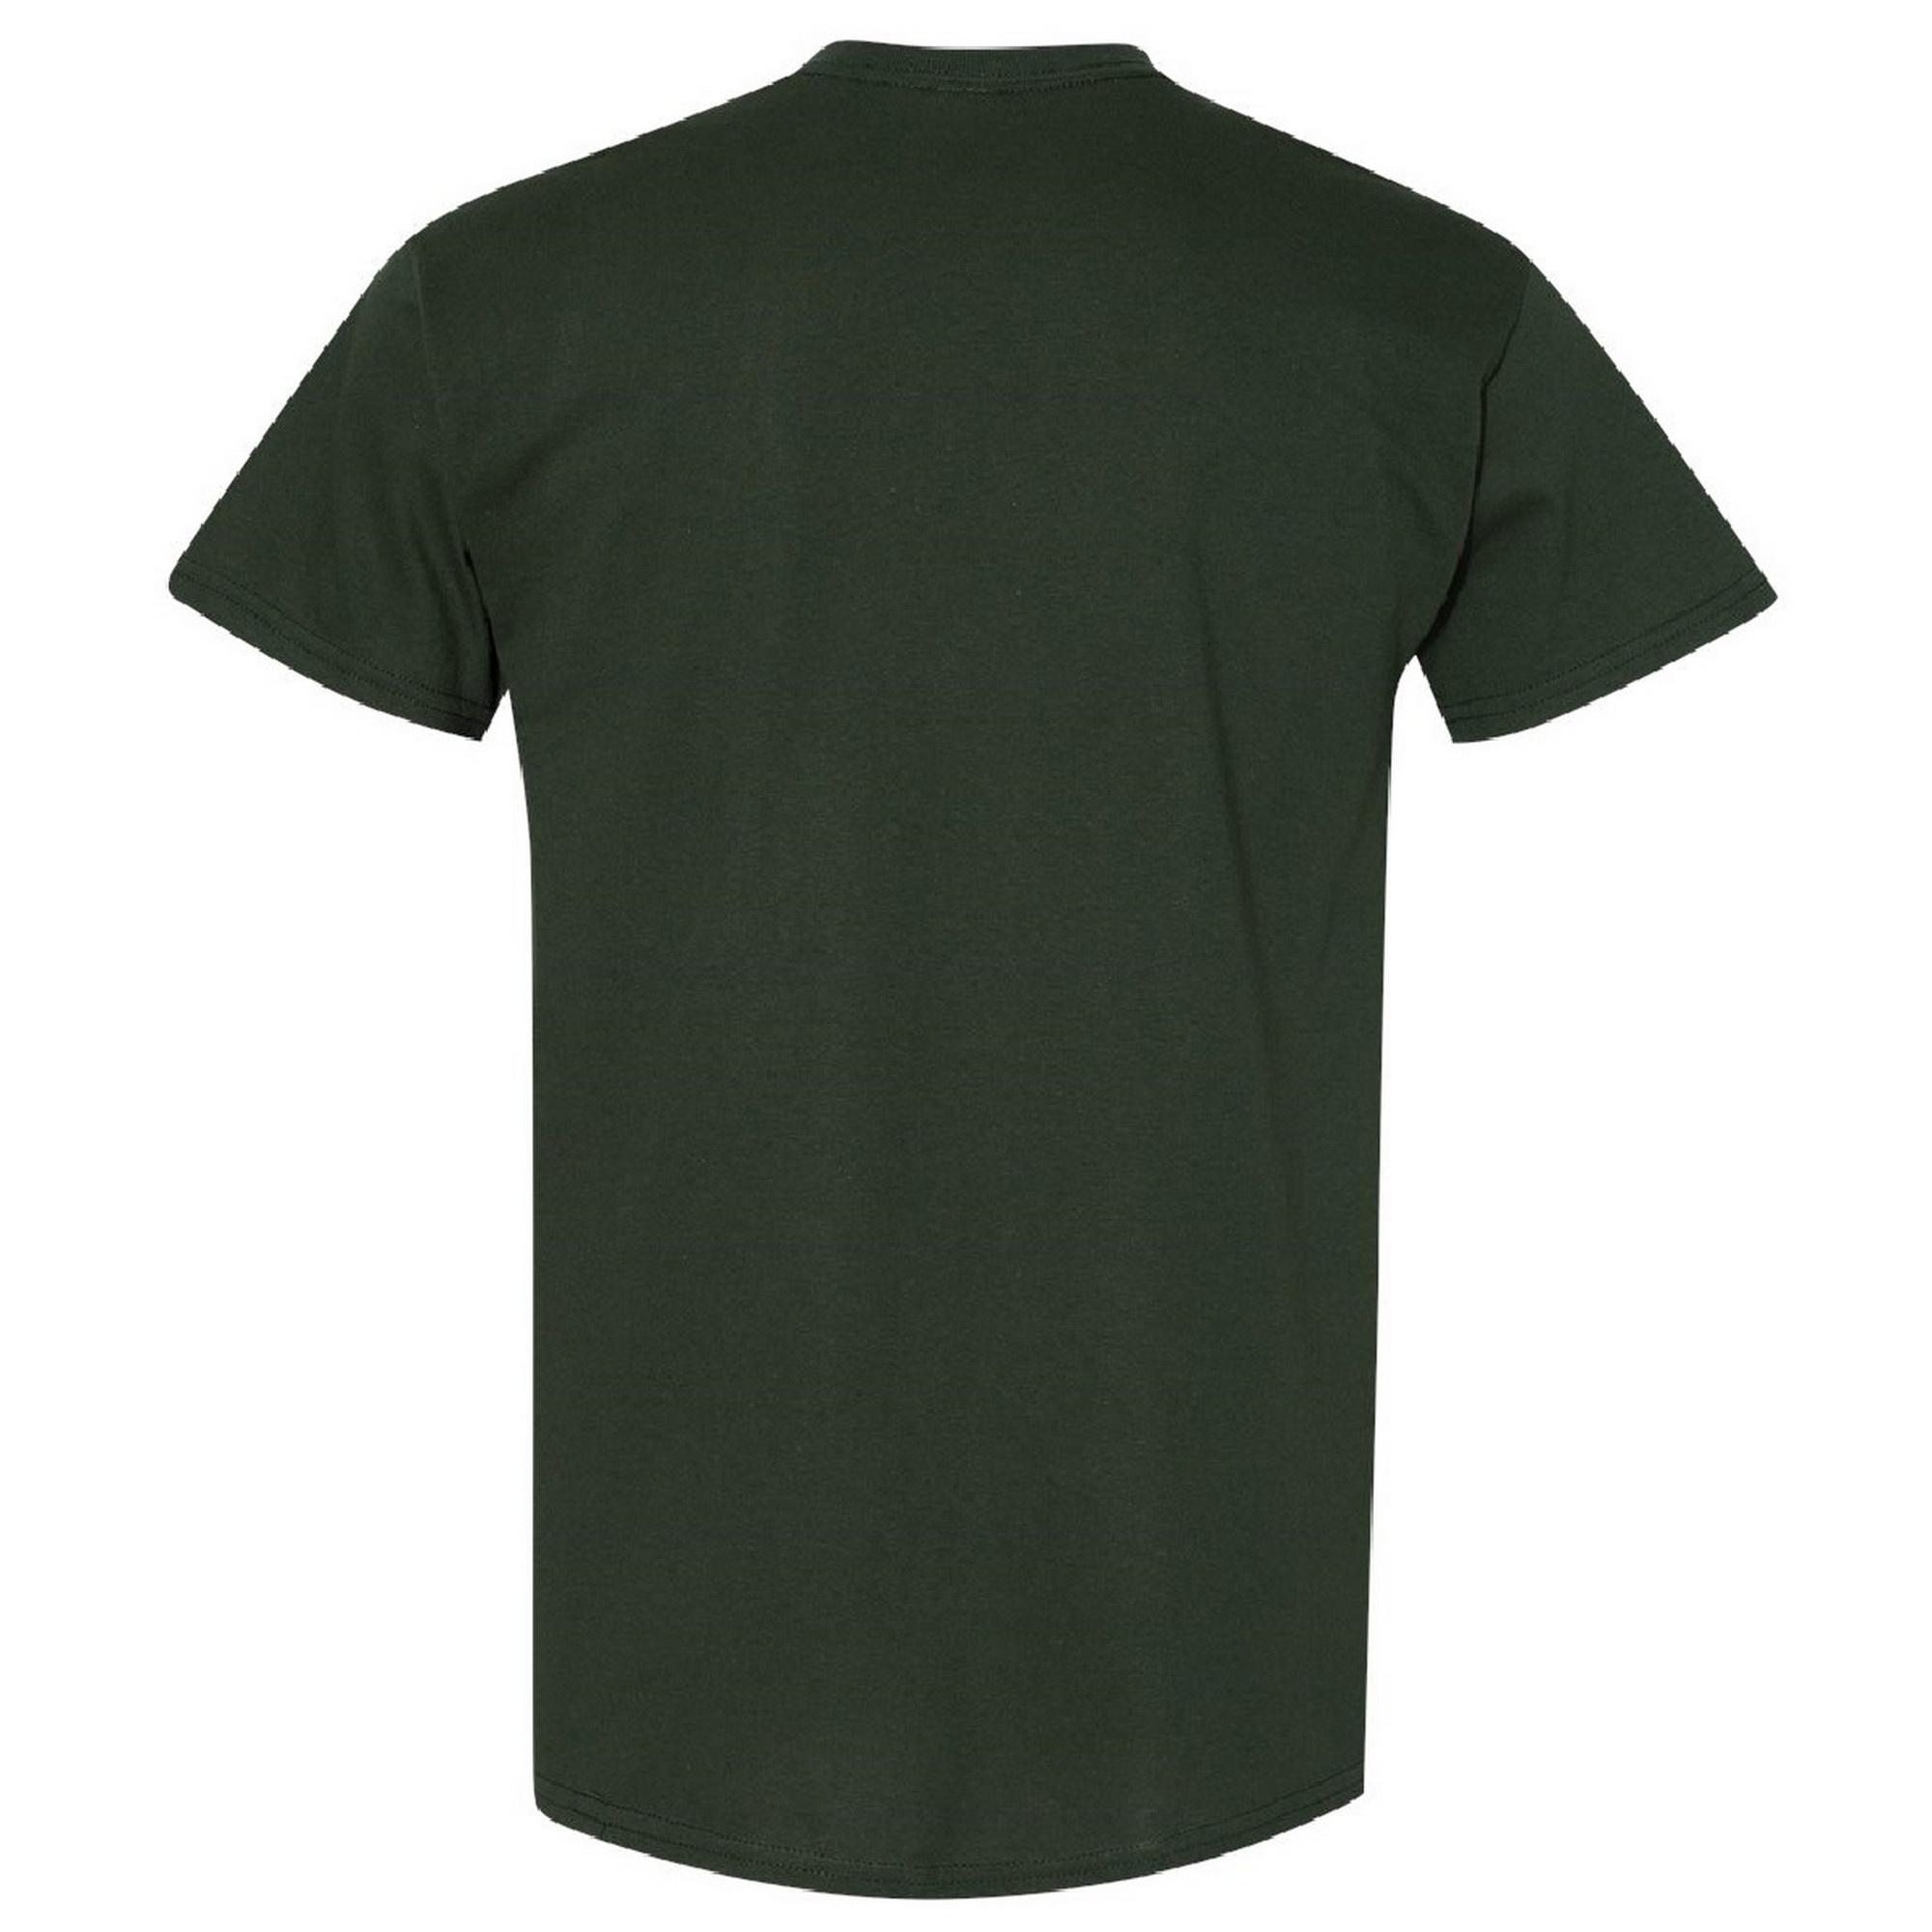 Gildan Mens Heavy Cotton Short Sleeve T-Shirt (2XL) (Forest Green)